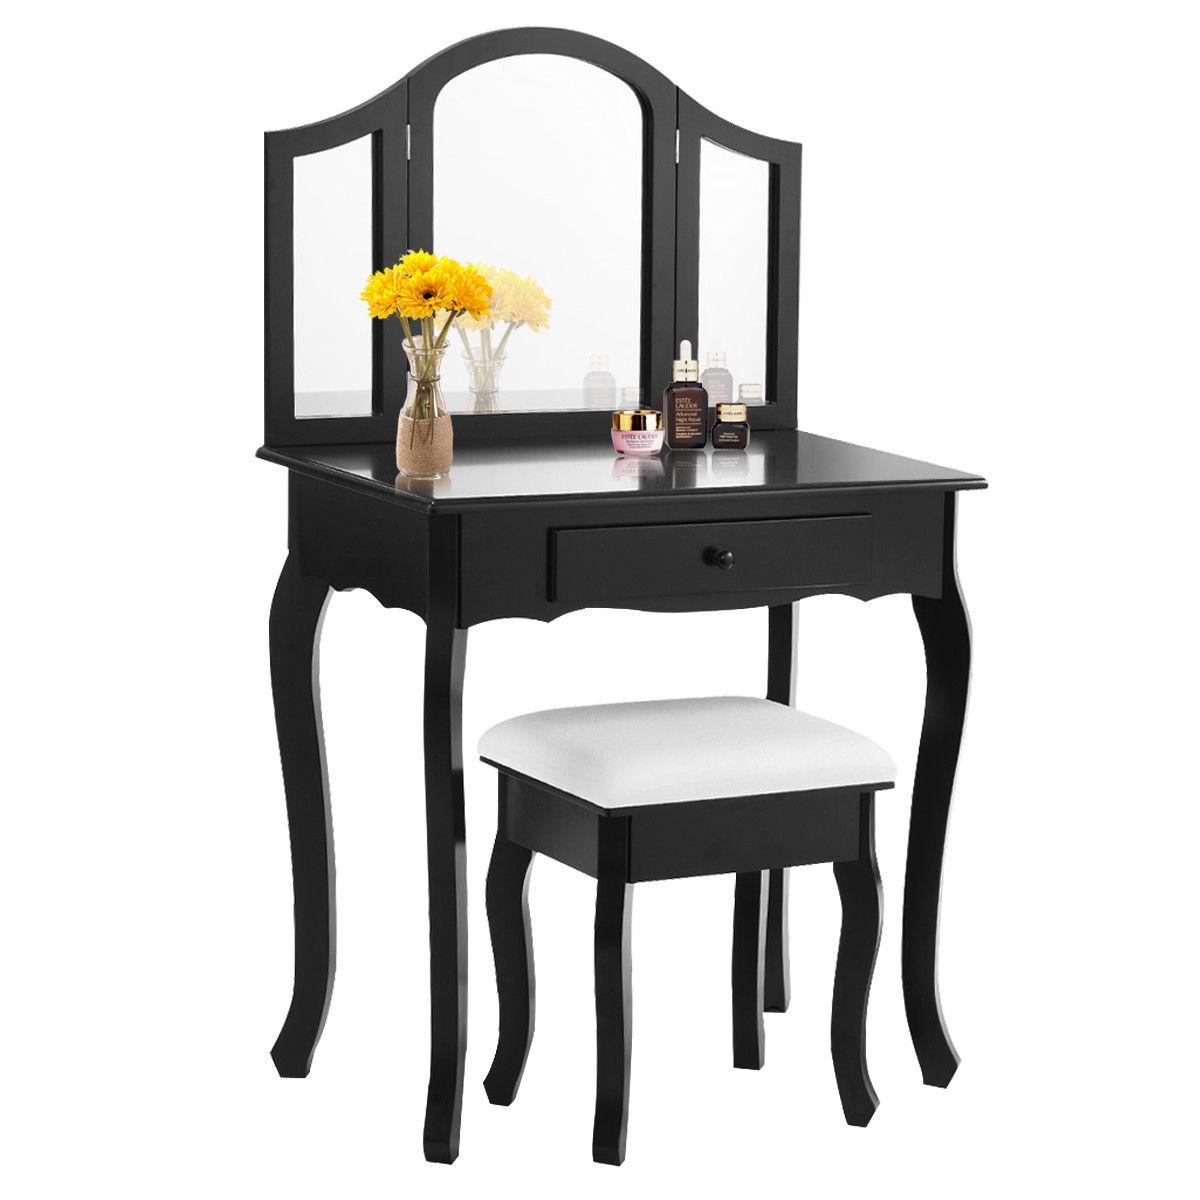 Costway Black Tri Folding Mirror Vanity Makeup Table Set Bathroom W Stool Drawers 0